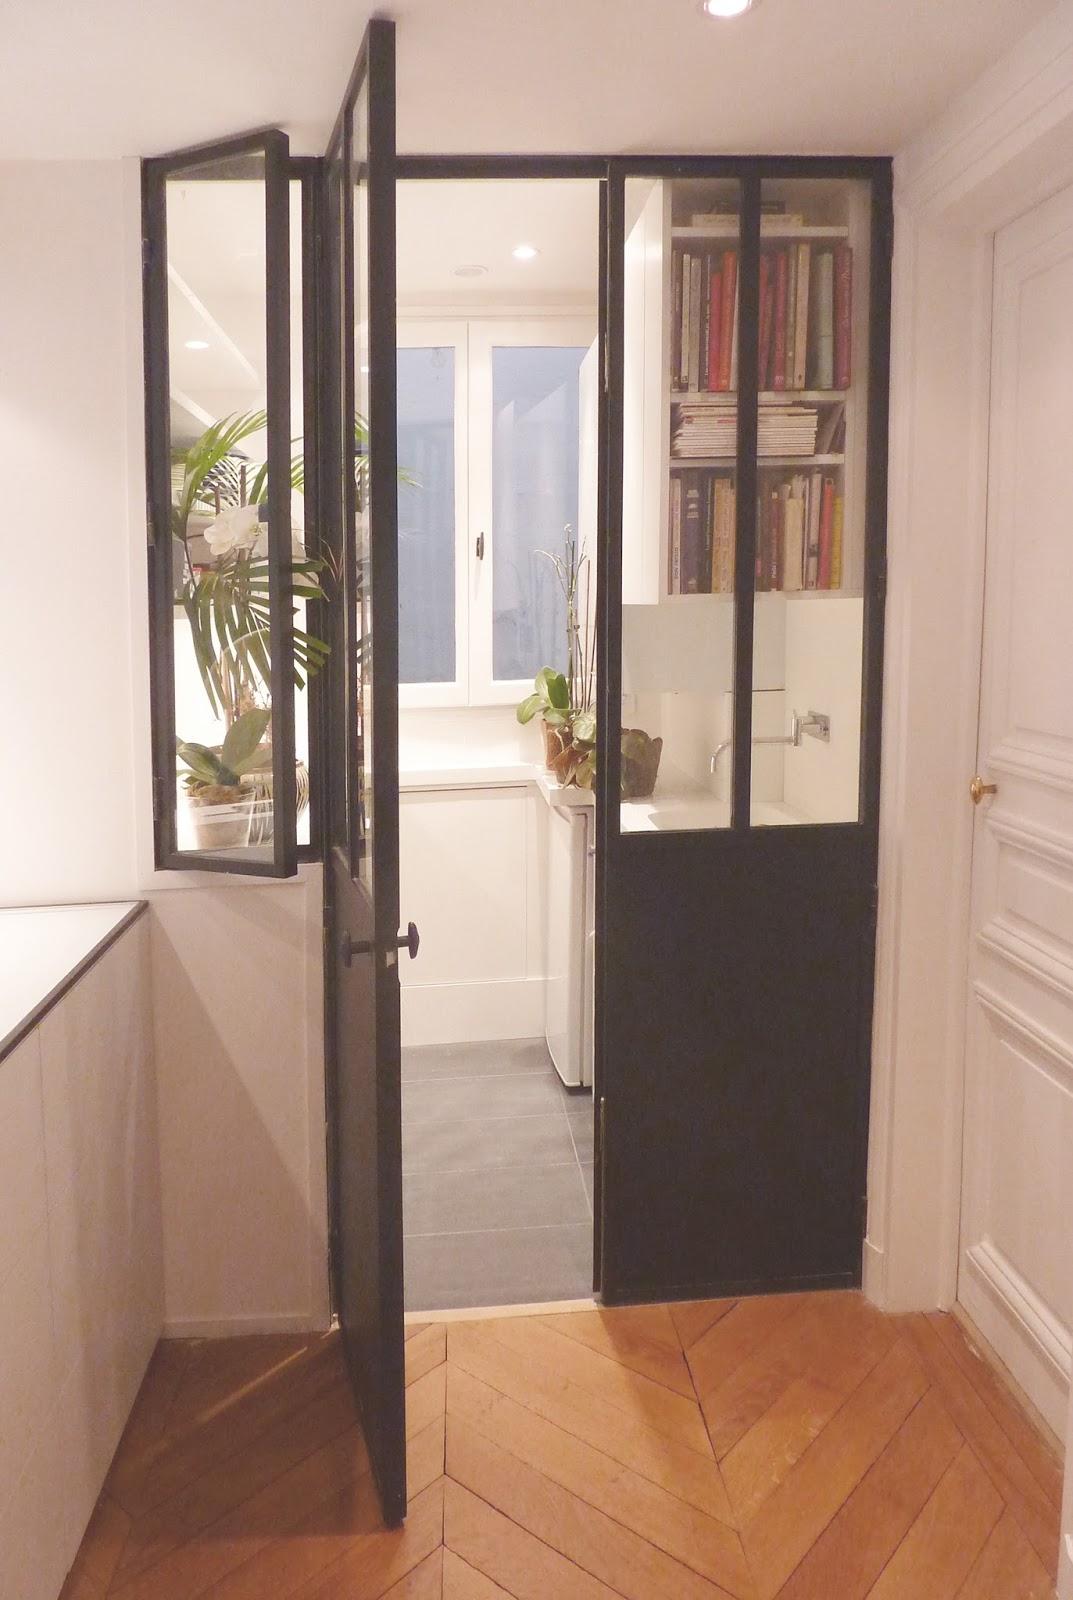 am nagement d 39 une entr e et d 39 une petite cuisine paris vi me marion millet architecte dplg. Black Bedroom Furniture Sets. Home Design Ideas